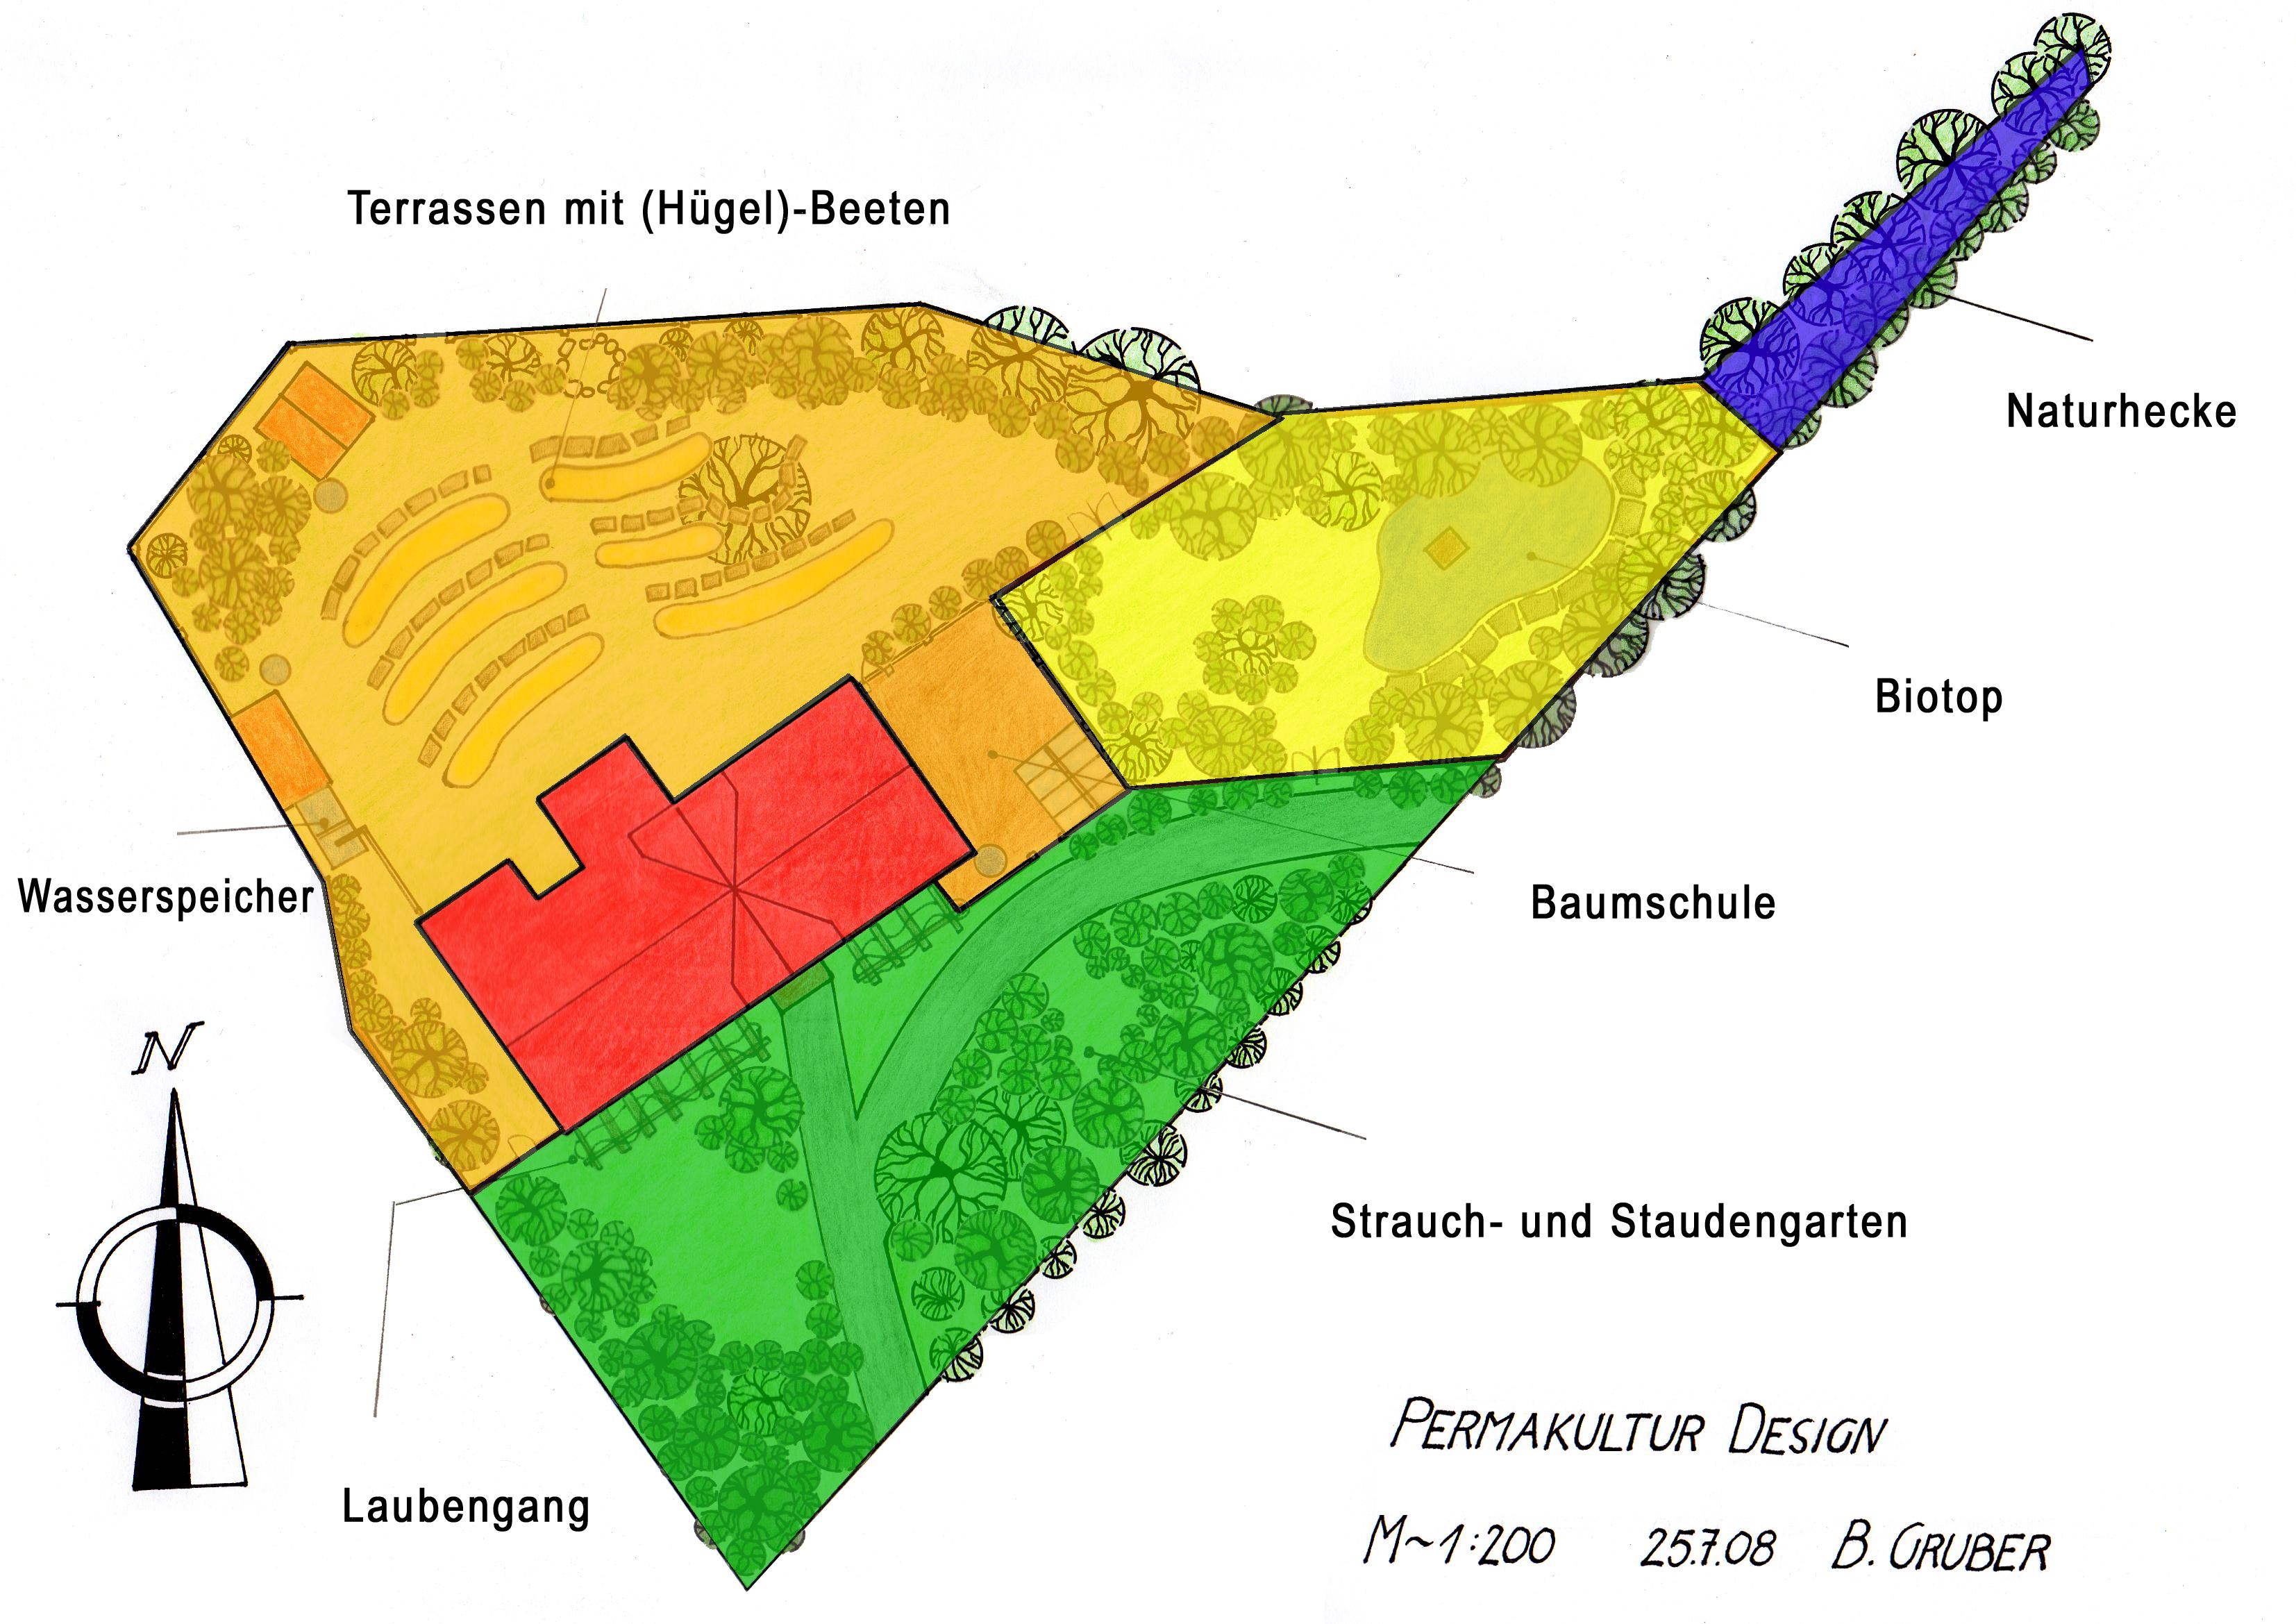 Eine gute Zoneneinteilung ist die Grundlage der Permakultur-Planung